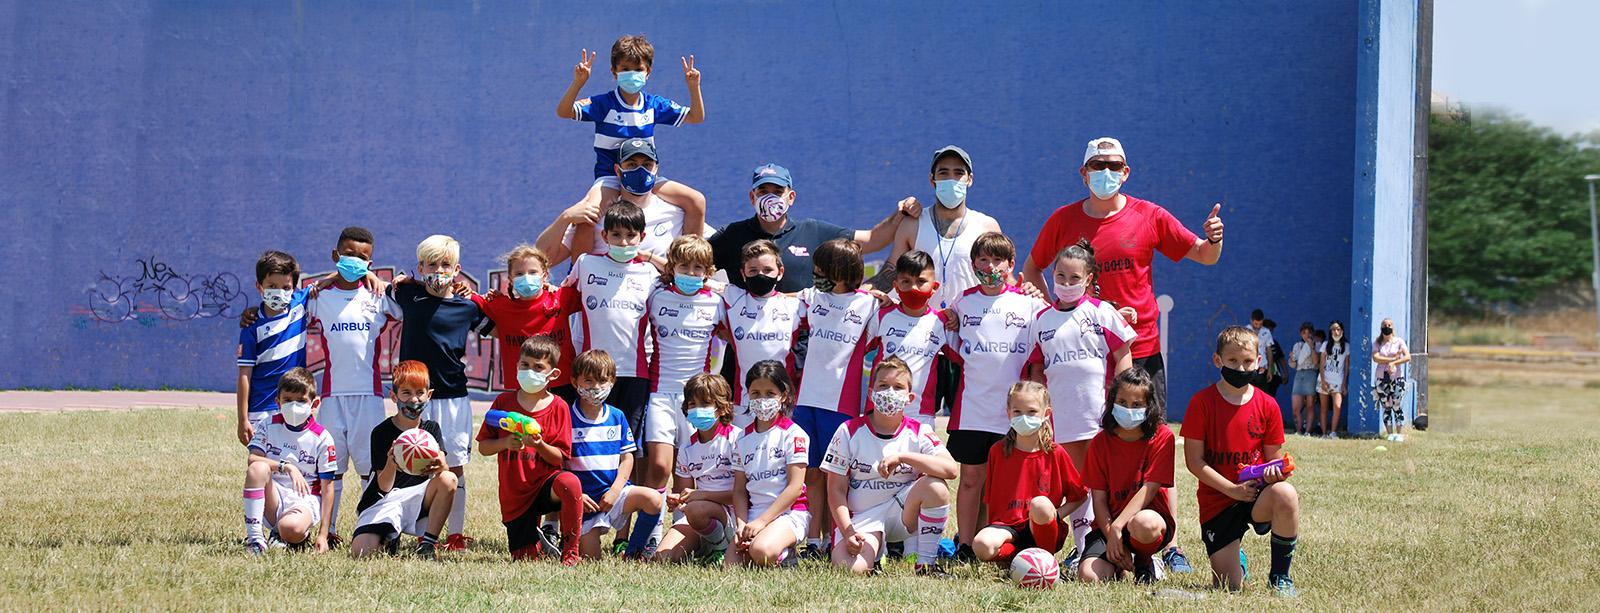 Fin de semana de escuelas de rugby en Yuncos